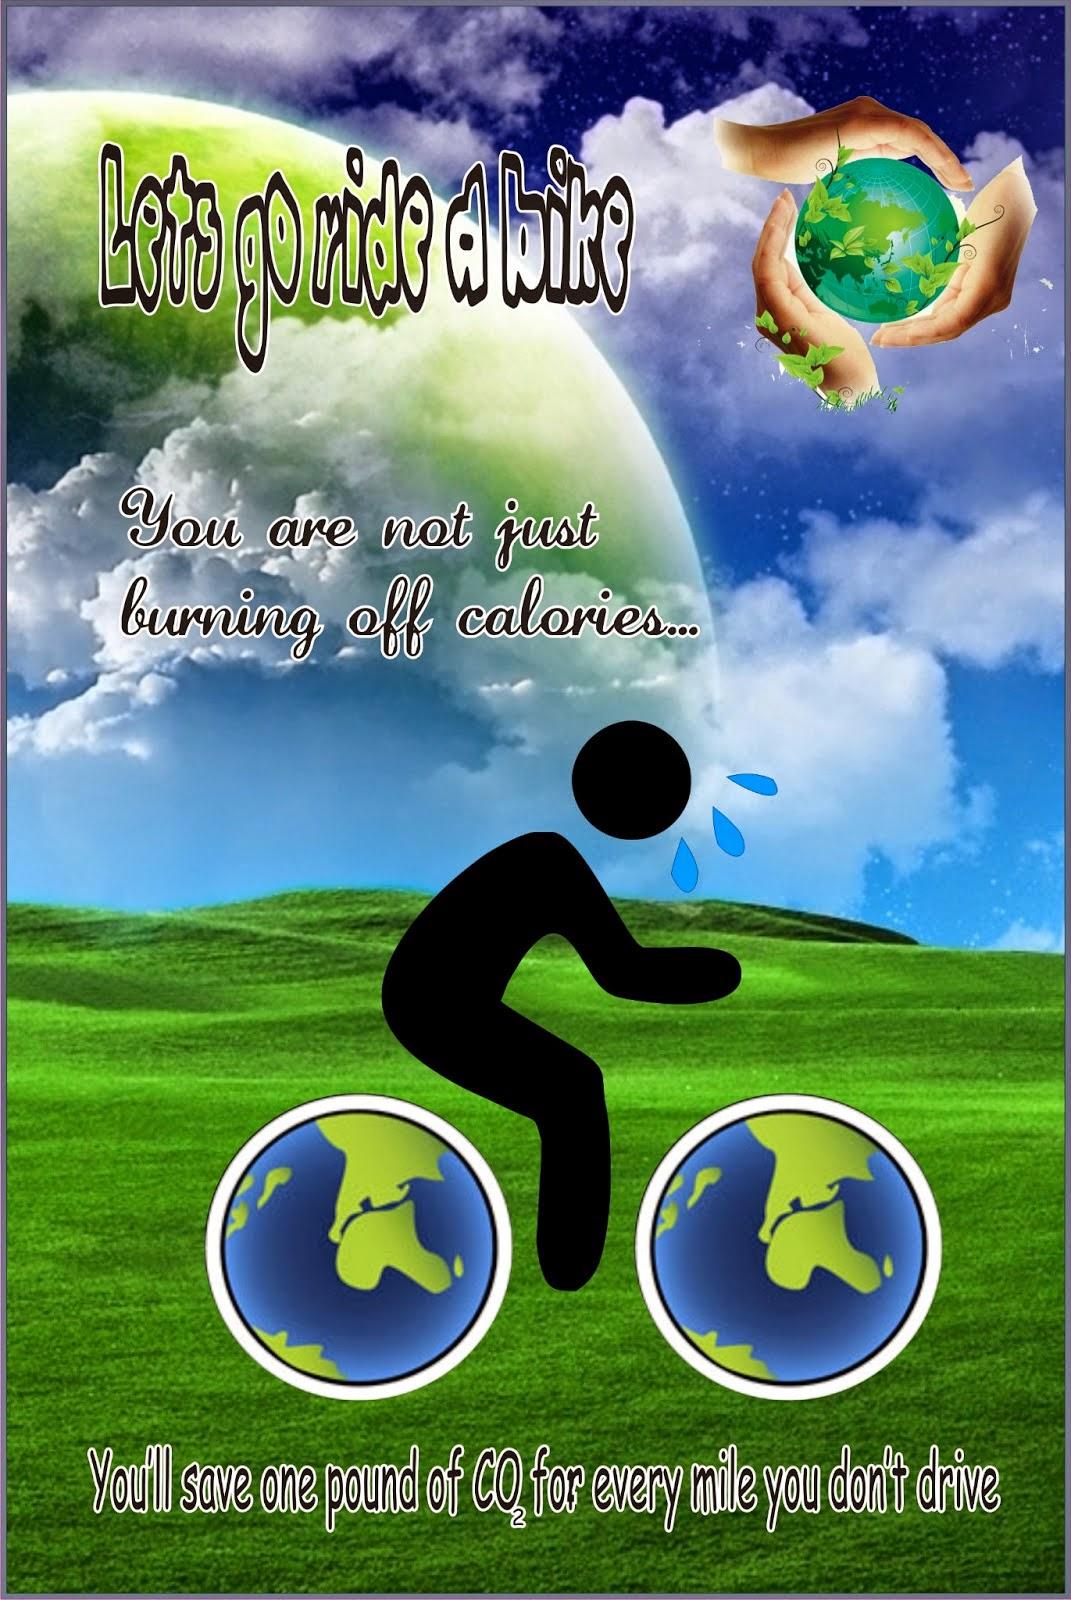 48+ Gambar Poster Lingkungan Hidup Lucu